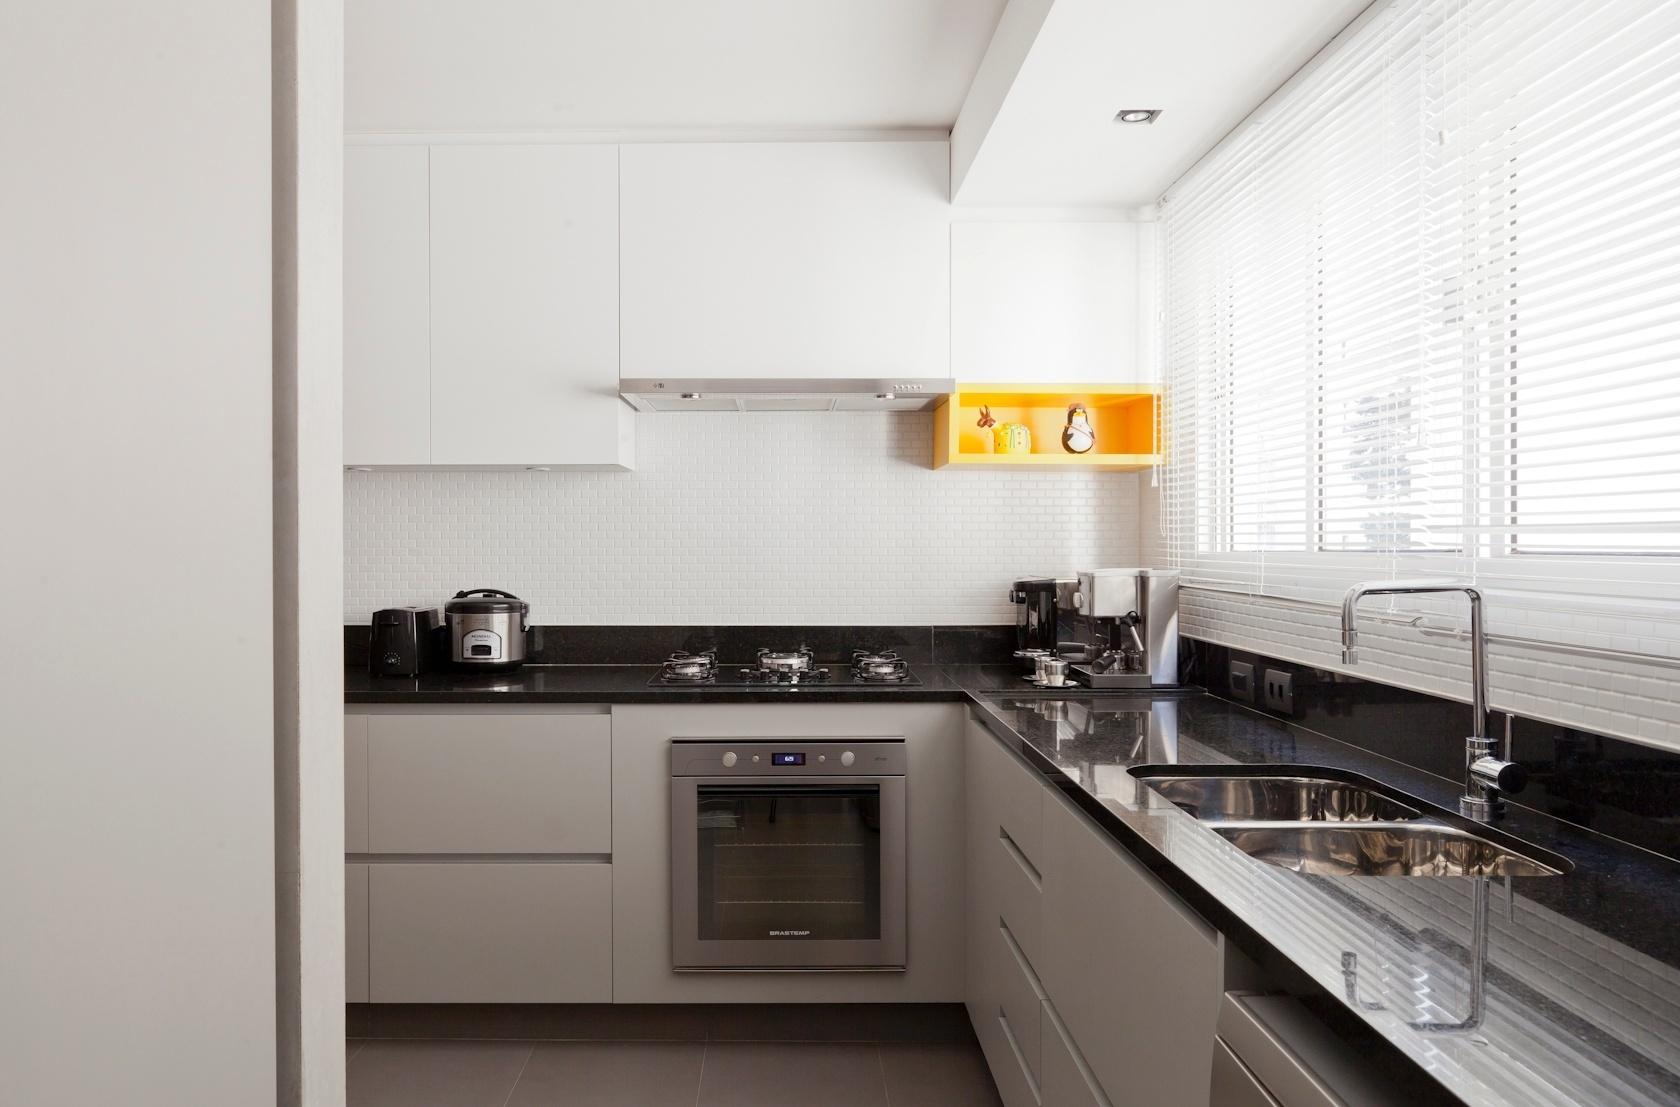 Parte da cozinha do apartamento de 160 m2, no Paraíso, zona sul de São Paulo. A bancada em massa sintética de vidro preta guarda armários revestidos de laminado melamínico cinza claro em composição com os suspensos brancos. Na parede, o arquiteto Renato Dalla Marta, autor do projeto de reforma, definiu pastilhas cerâmicas brancas